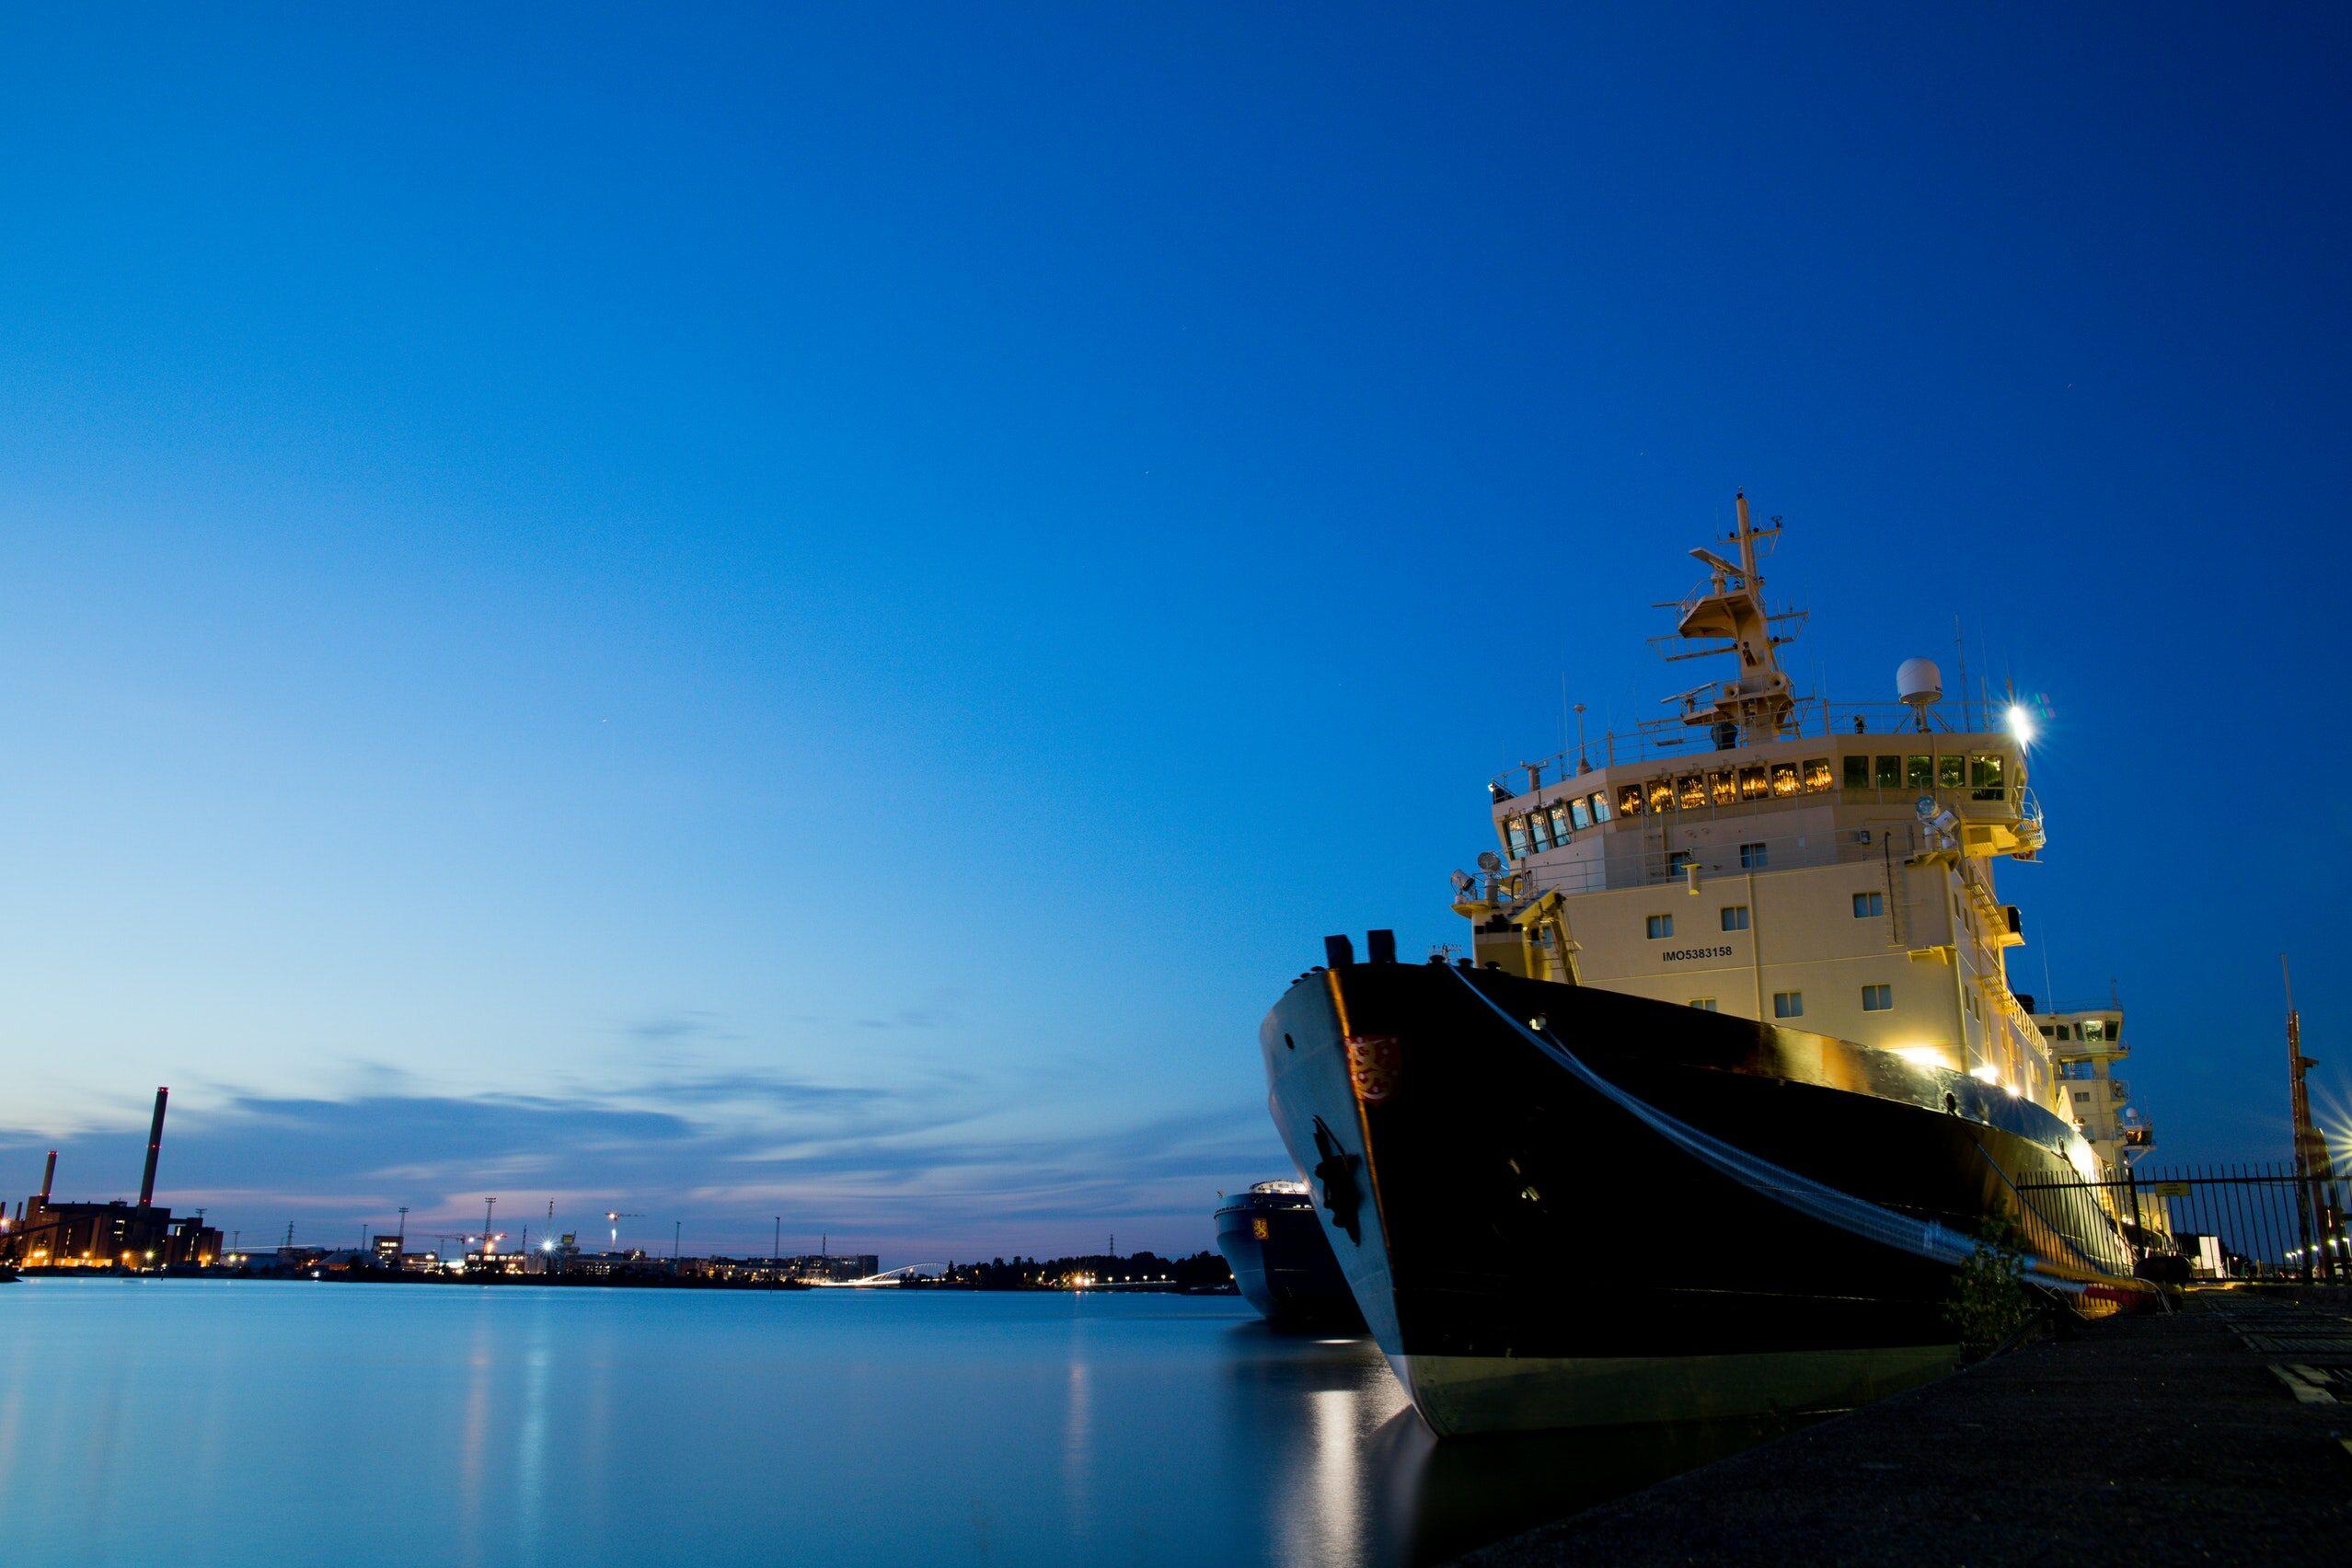 Statek, zdjęcie ilustracyjne